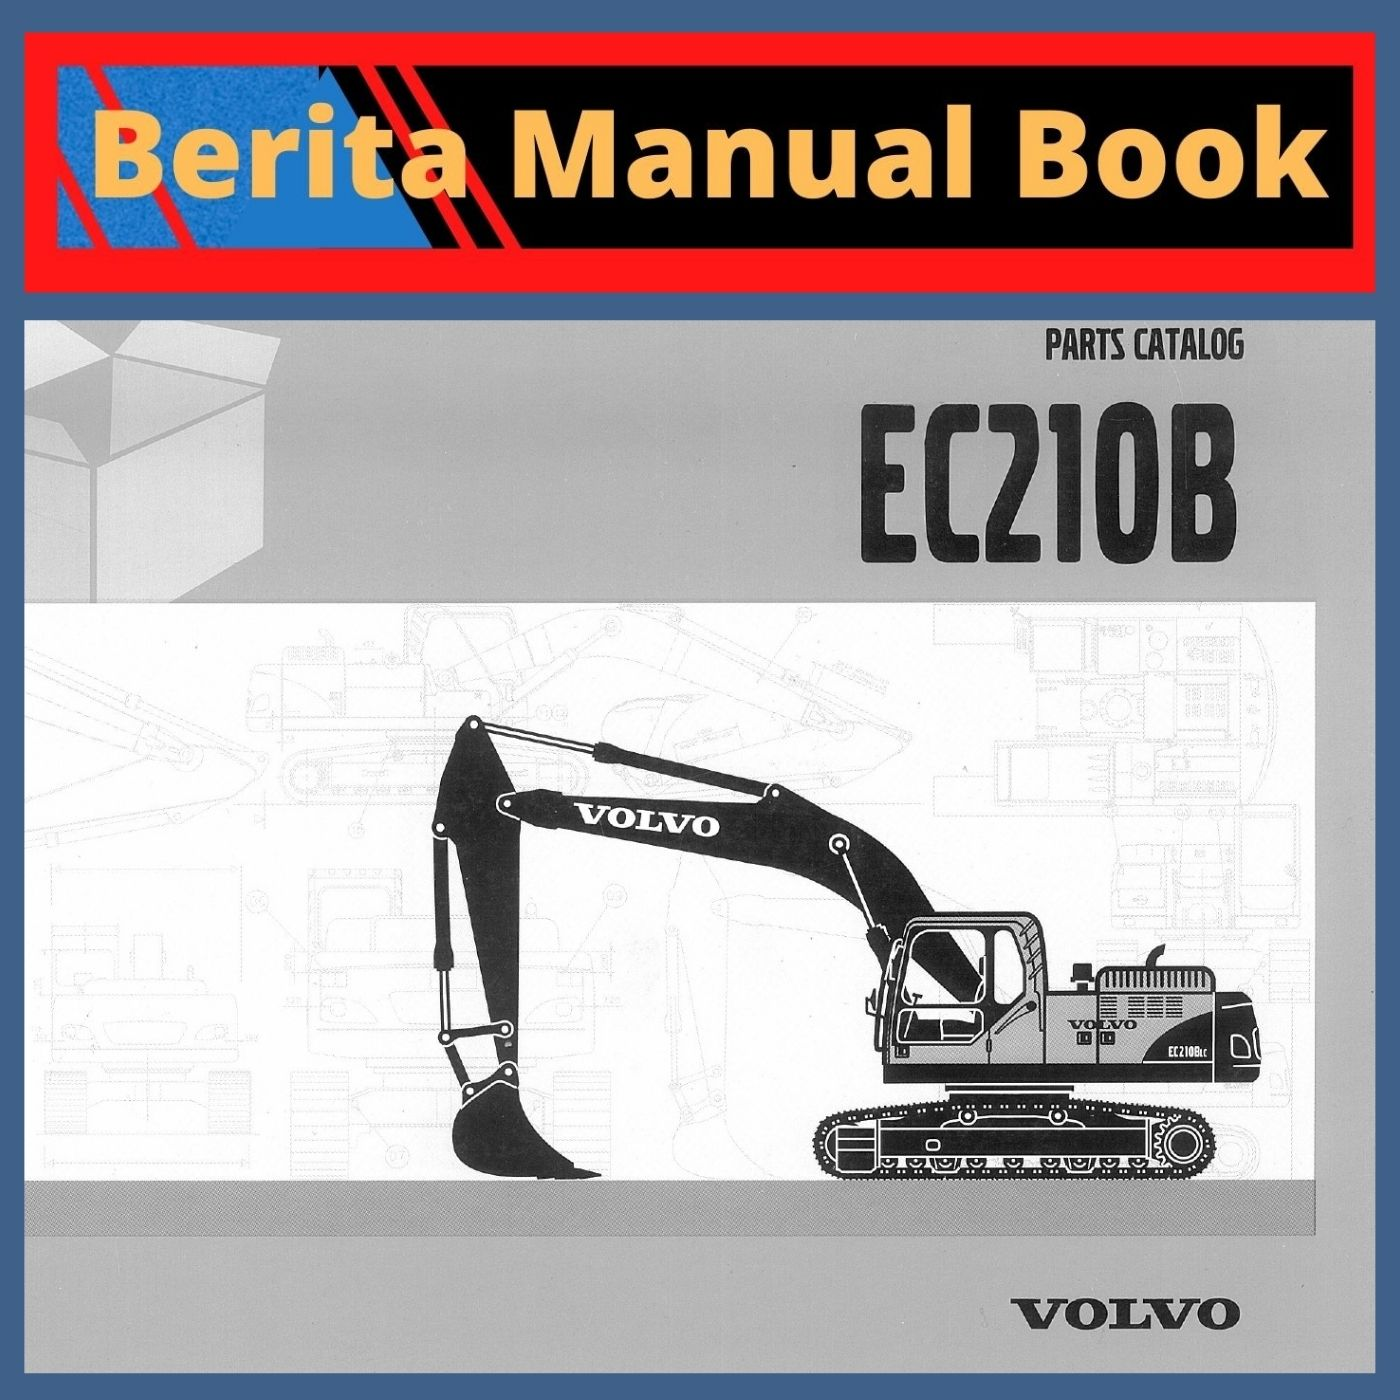 Volvo parts catalog ec210b excavator